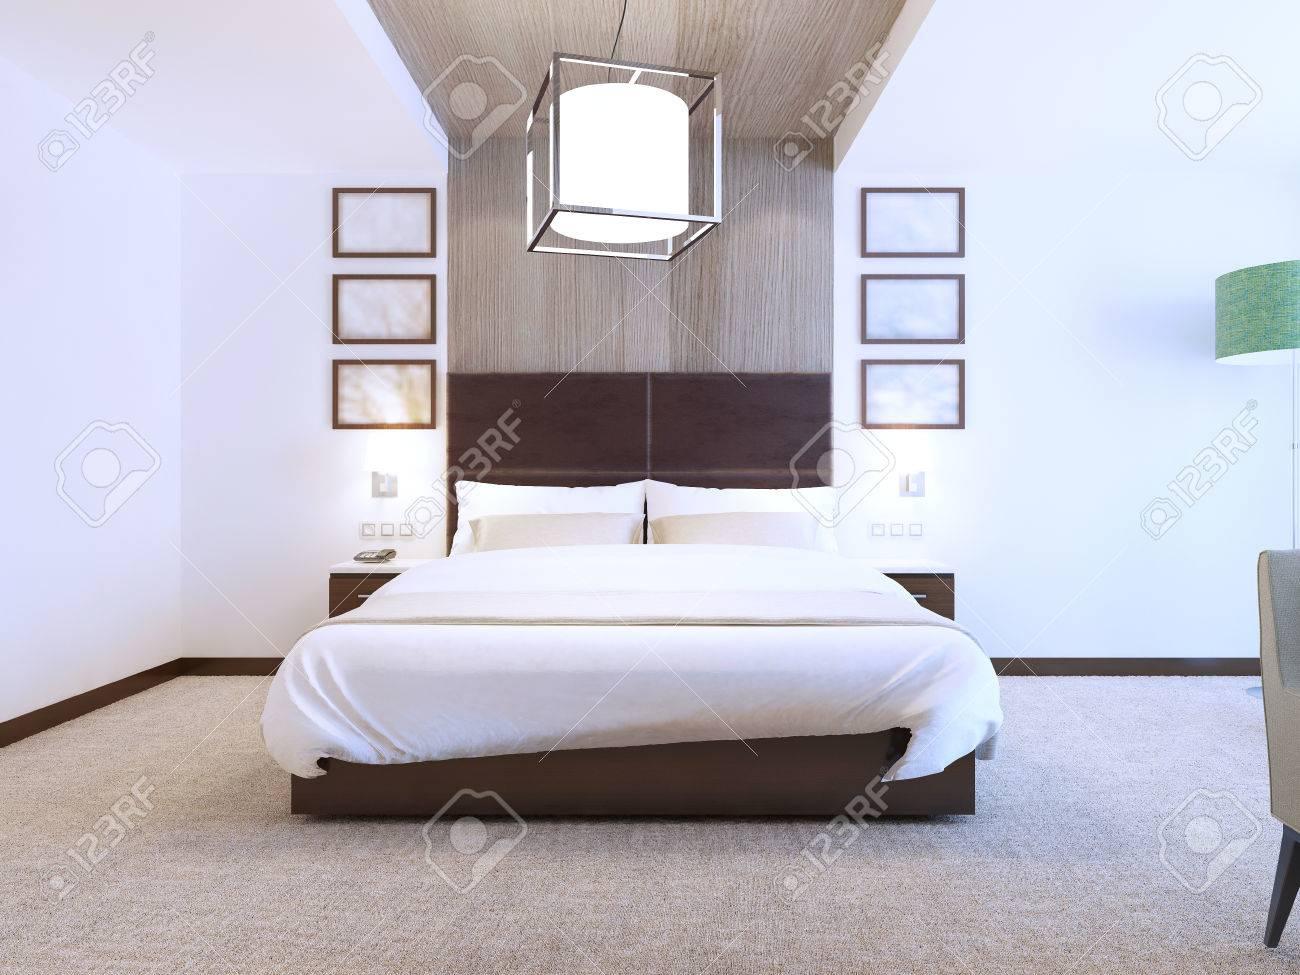 Camere Tumblr Fai Da Te : Decorare camera da letto ragazza qualità emejing arredare una